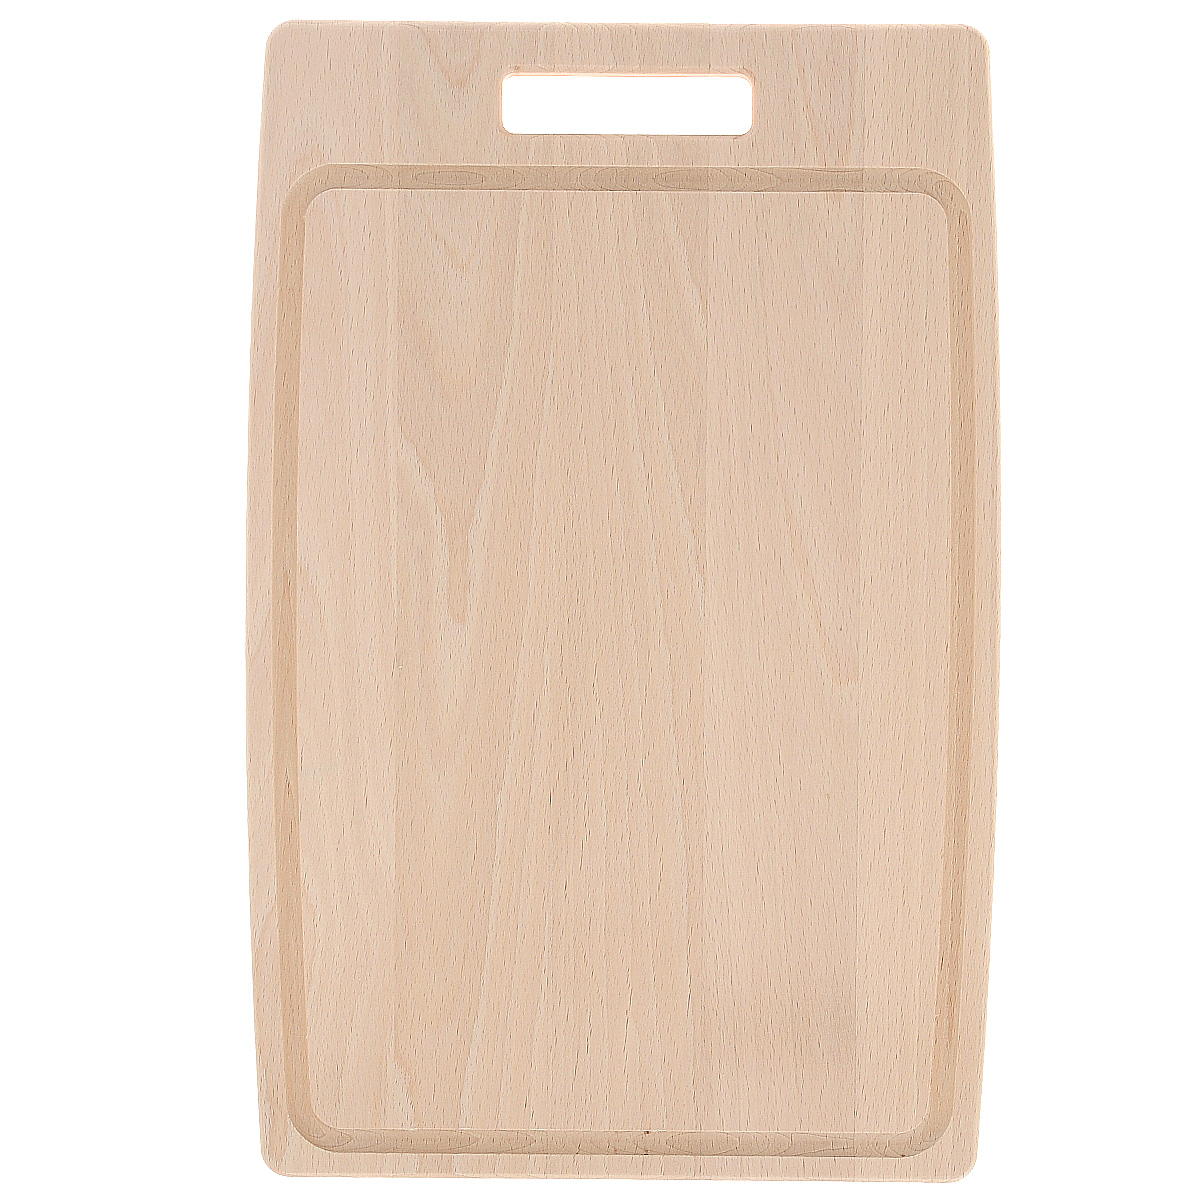 Доска разделочная Tescoma Home Profi, 40 х 26 см68/5/4Прямоугольная разделочная доска Tescoma Home Profi изготовлена из высококачественной древесины бука. Бук - это особо прочный материал, который прослужит вам долгие годы. Доска оснащена удобной ручкой.Функциональная и простая в использовании, разделочная доска Tescoma Home Profi прекрасно впишется в интерьер любой кухни. Не мыть в посудомоечной машине.